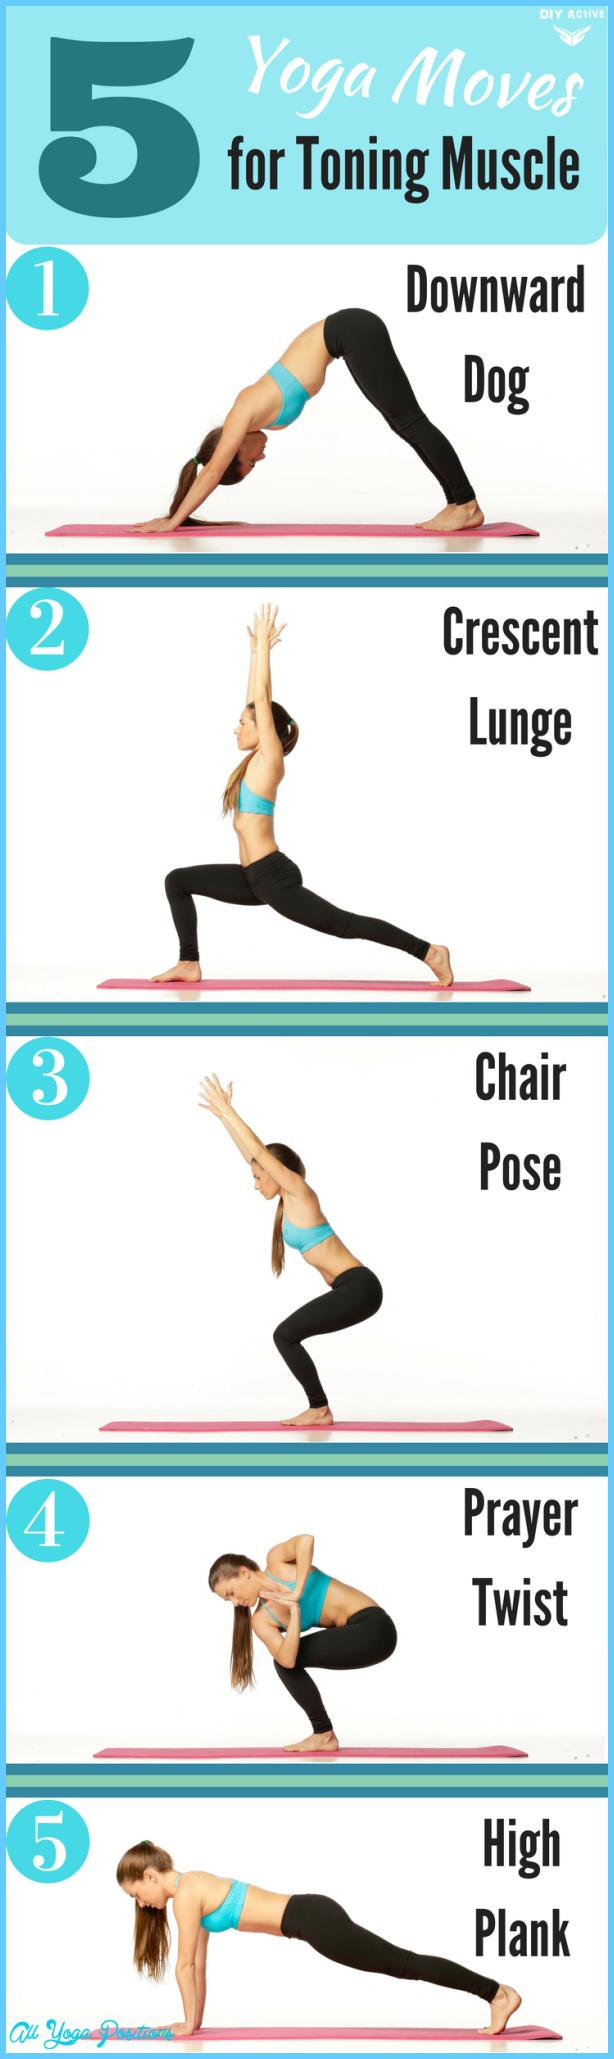 5 Basic Yoga Poses_4.jpg